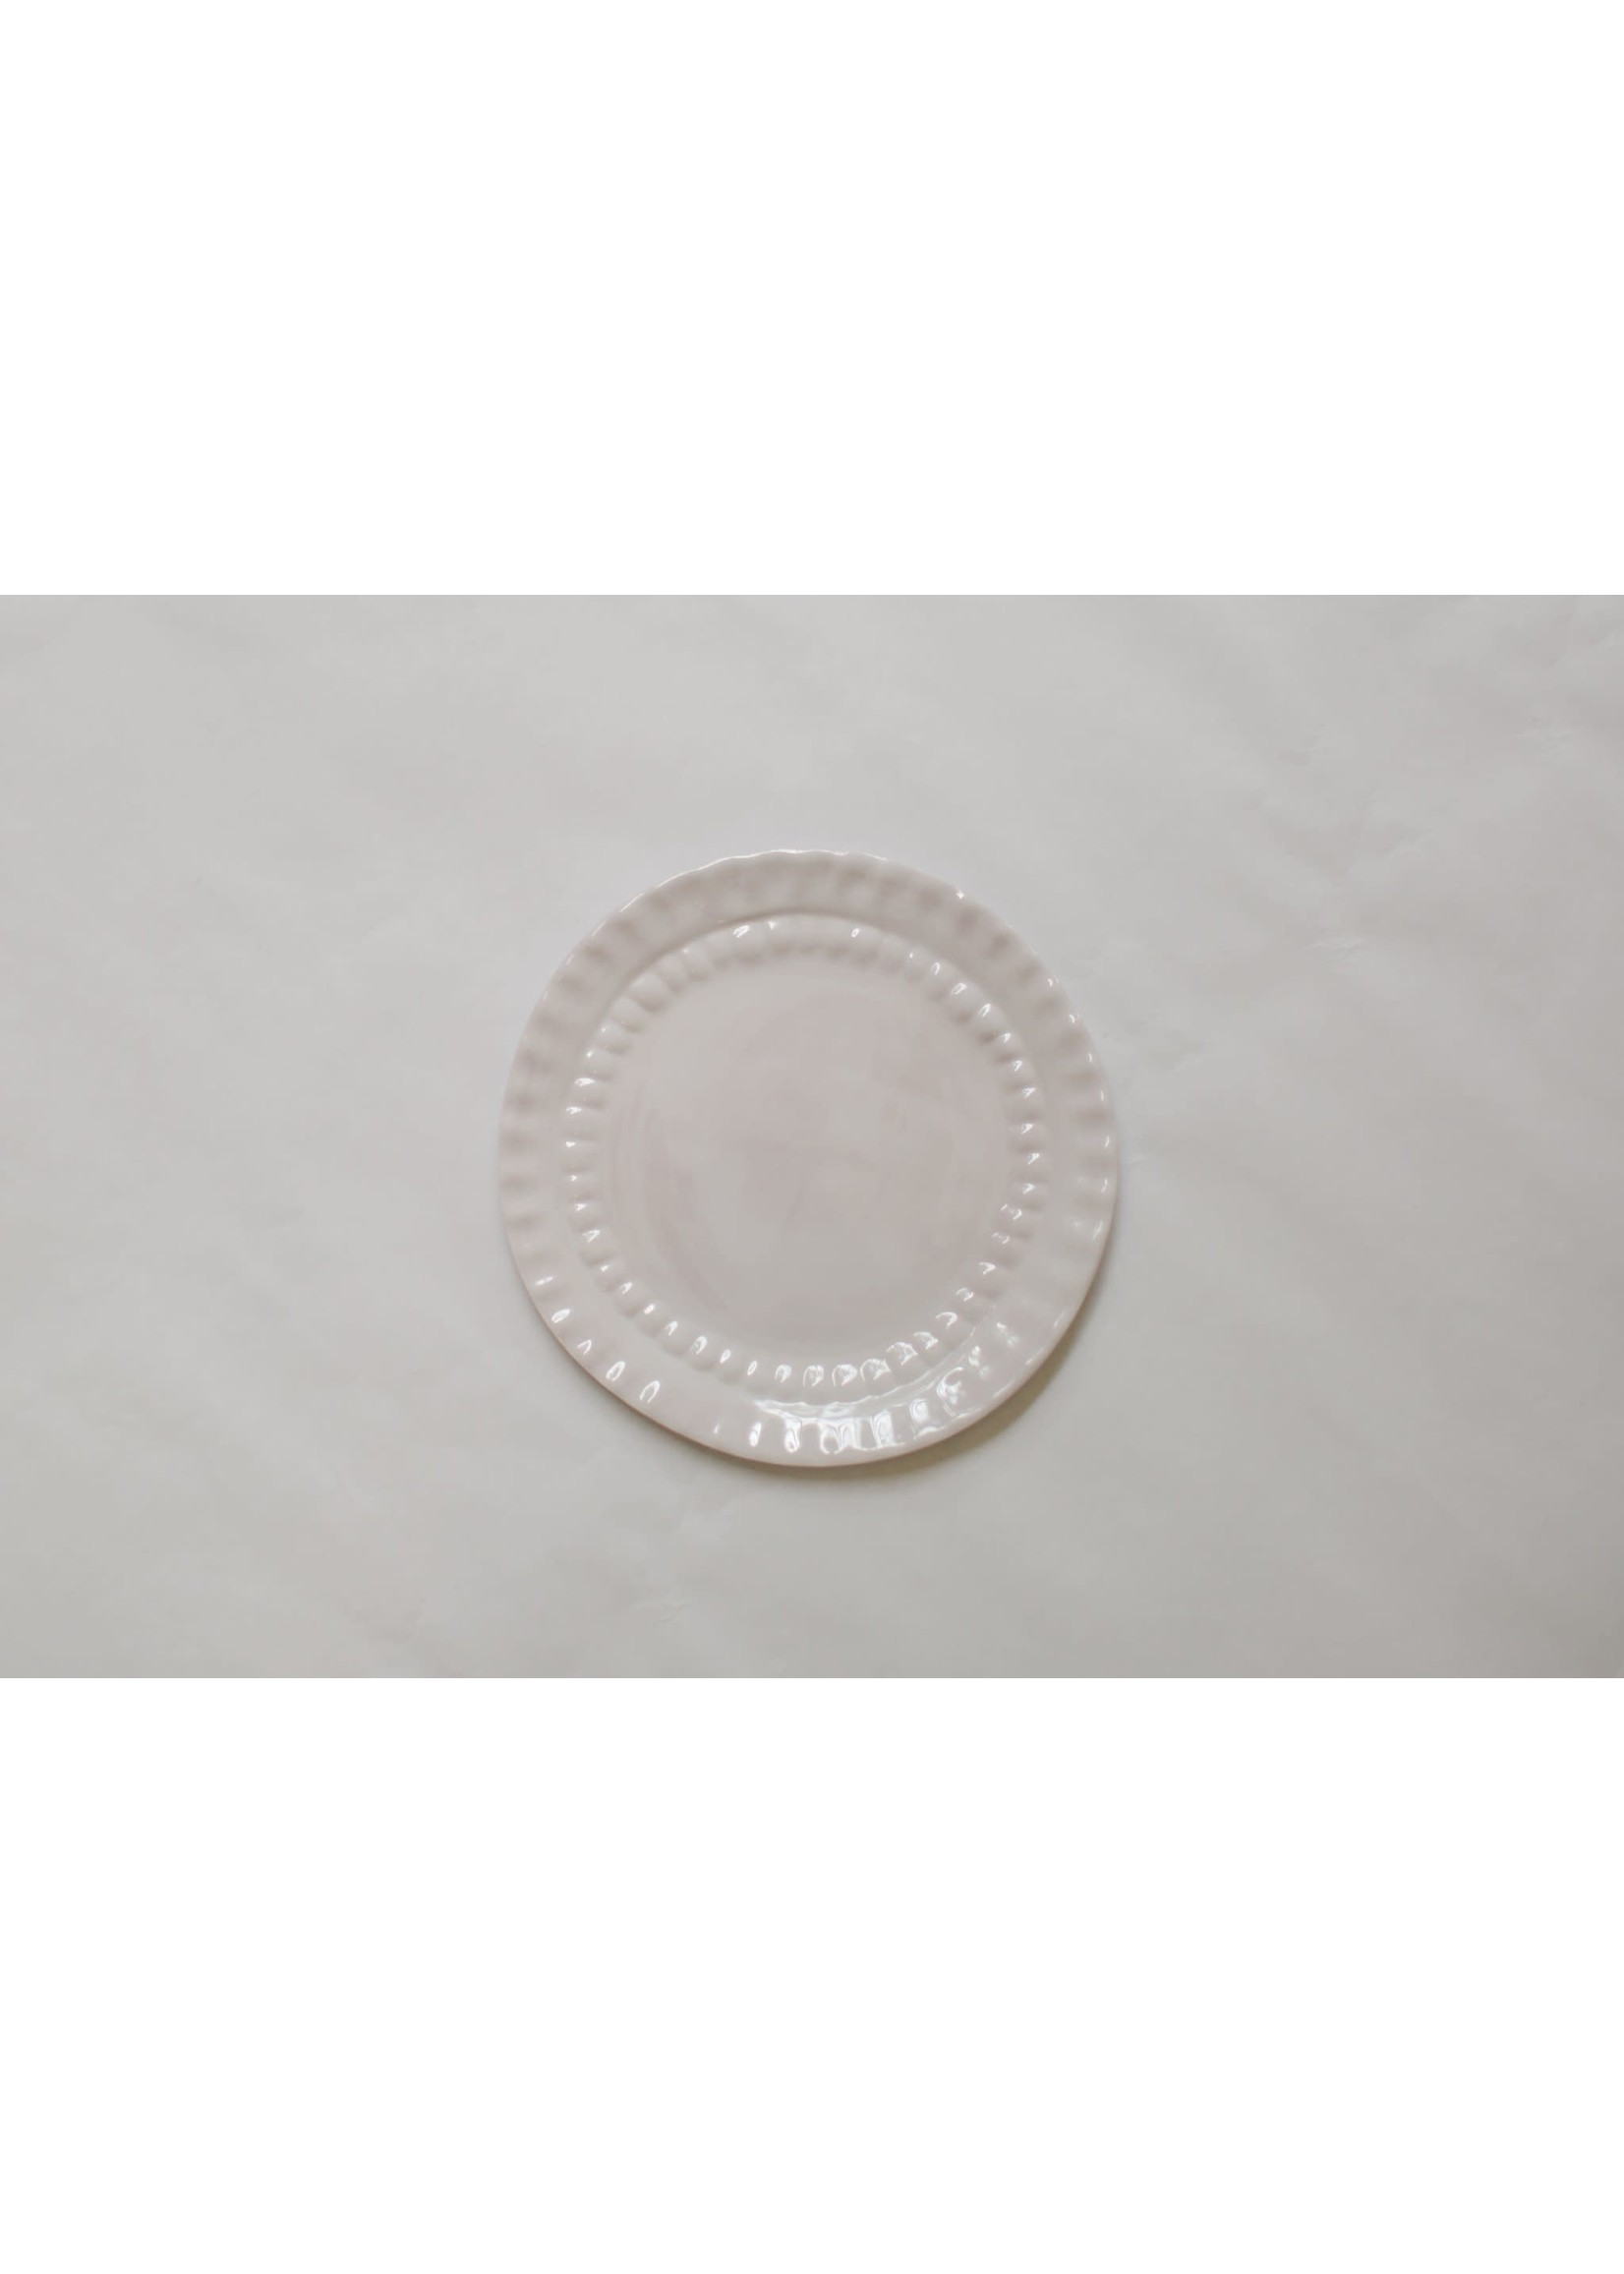 Relish Melamine - Canapé Plate Set - White